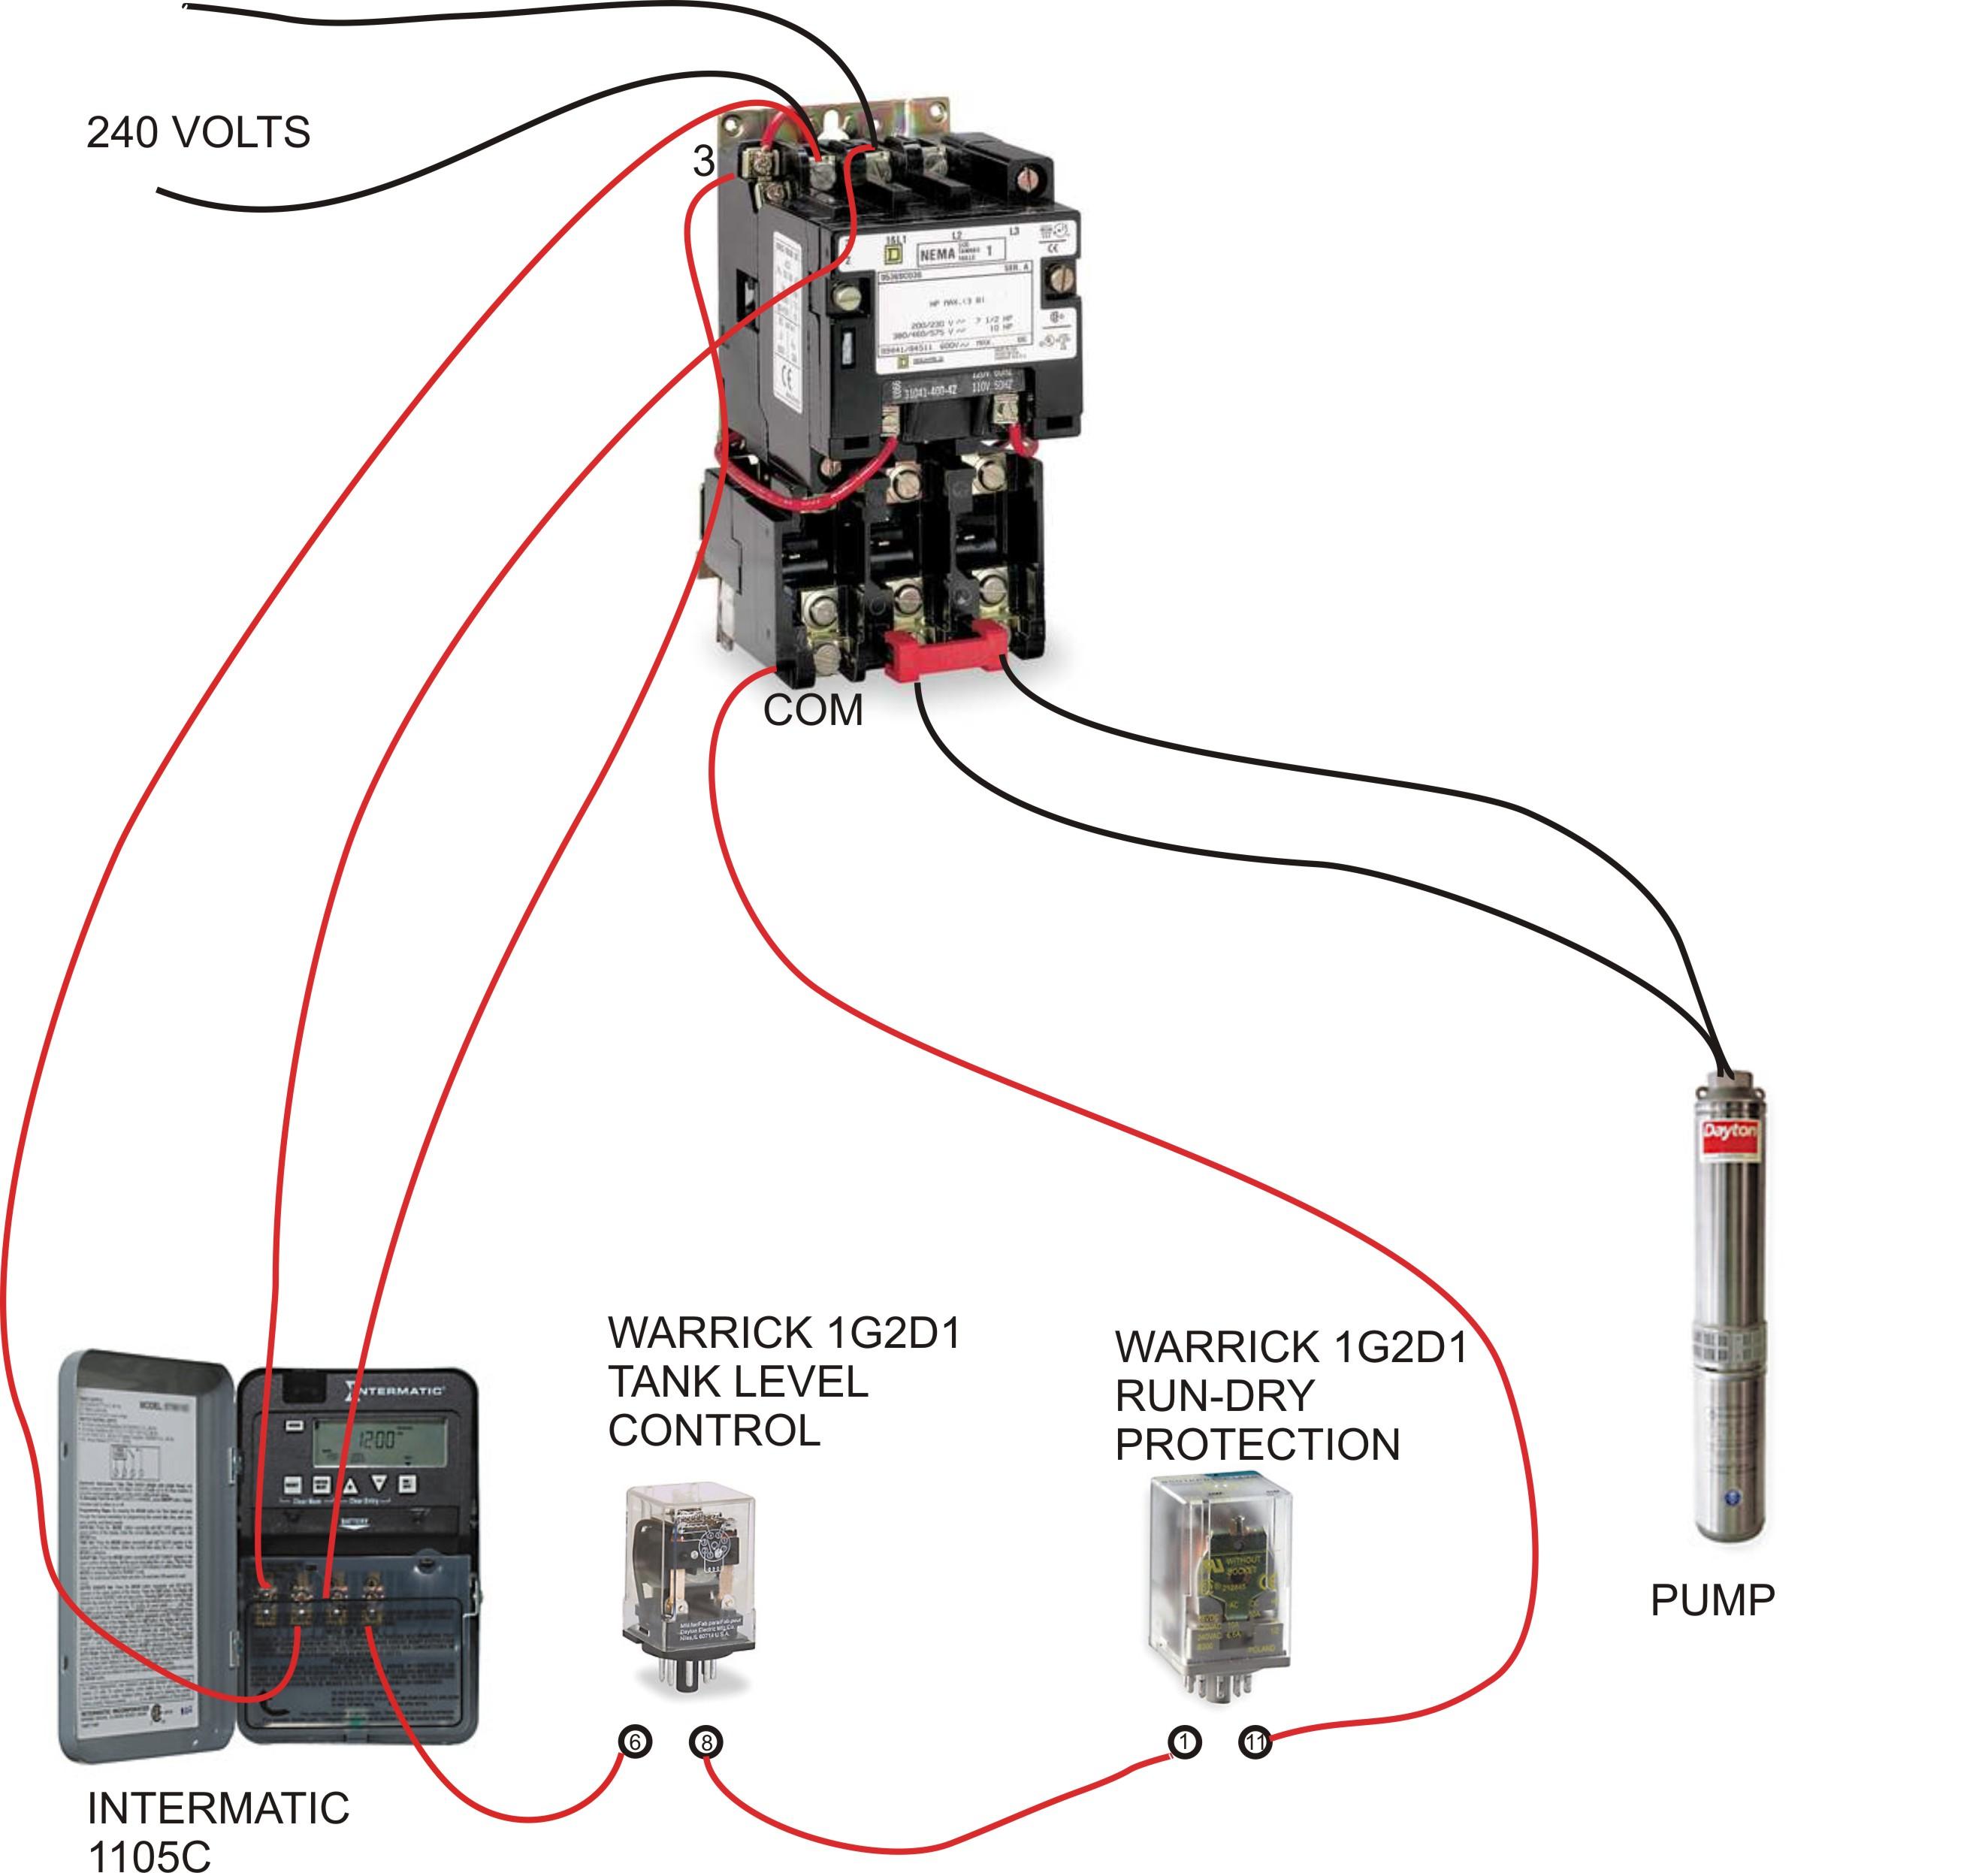 220 Volt Relay Wiring Diagram - Home Elevator Wiring Diagrams for Wiring  Diagram SchematicsWiring Diagram Schematics